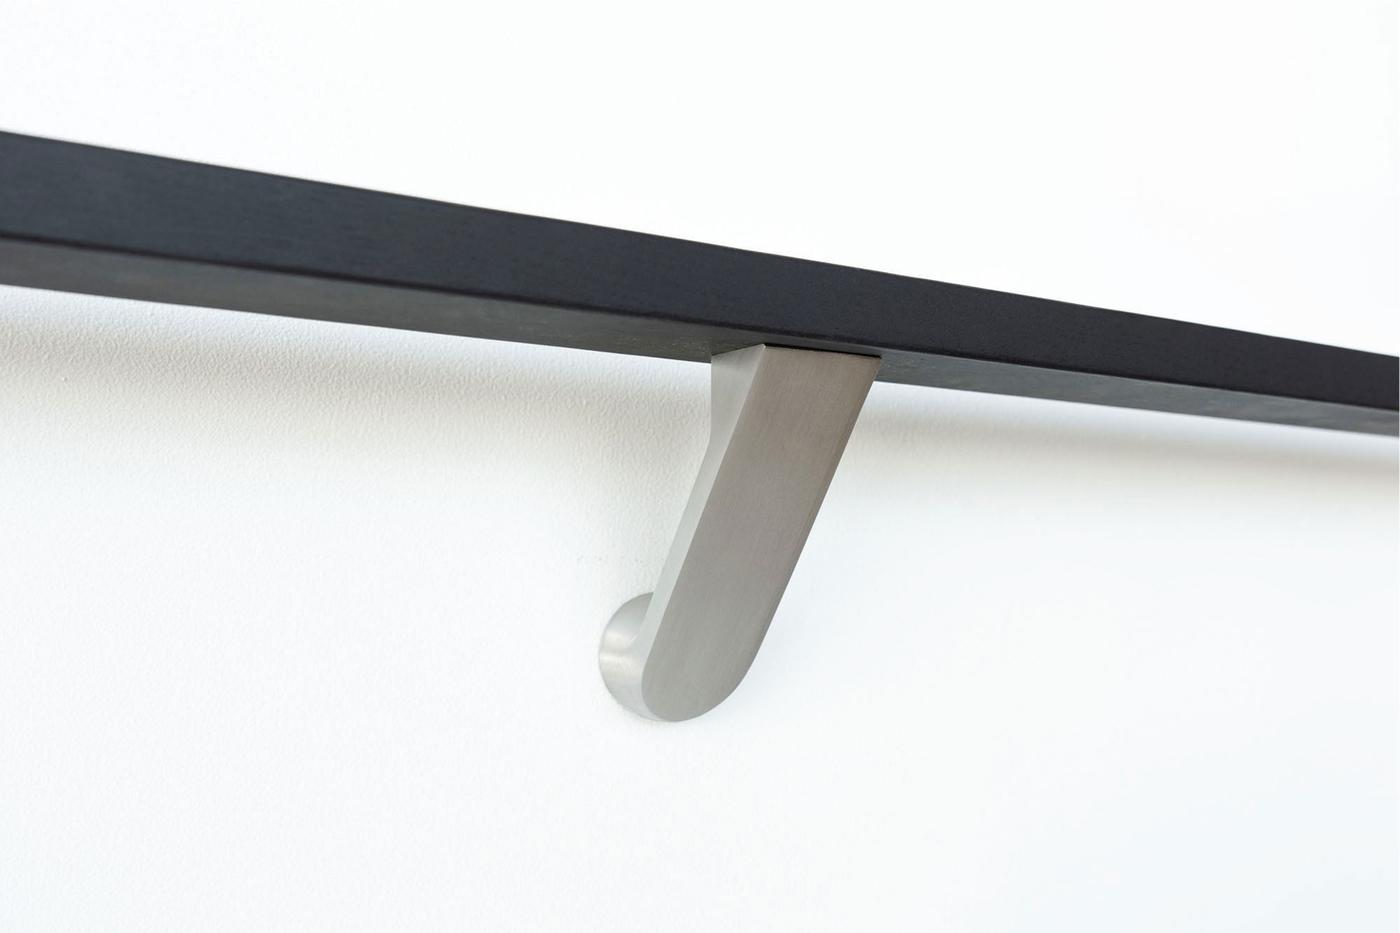 Modern-brushed-stainless-steel-handrail-bracket